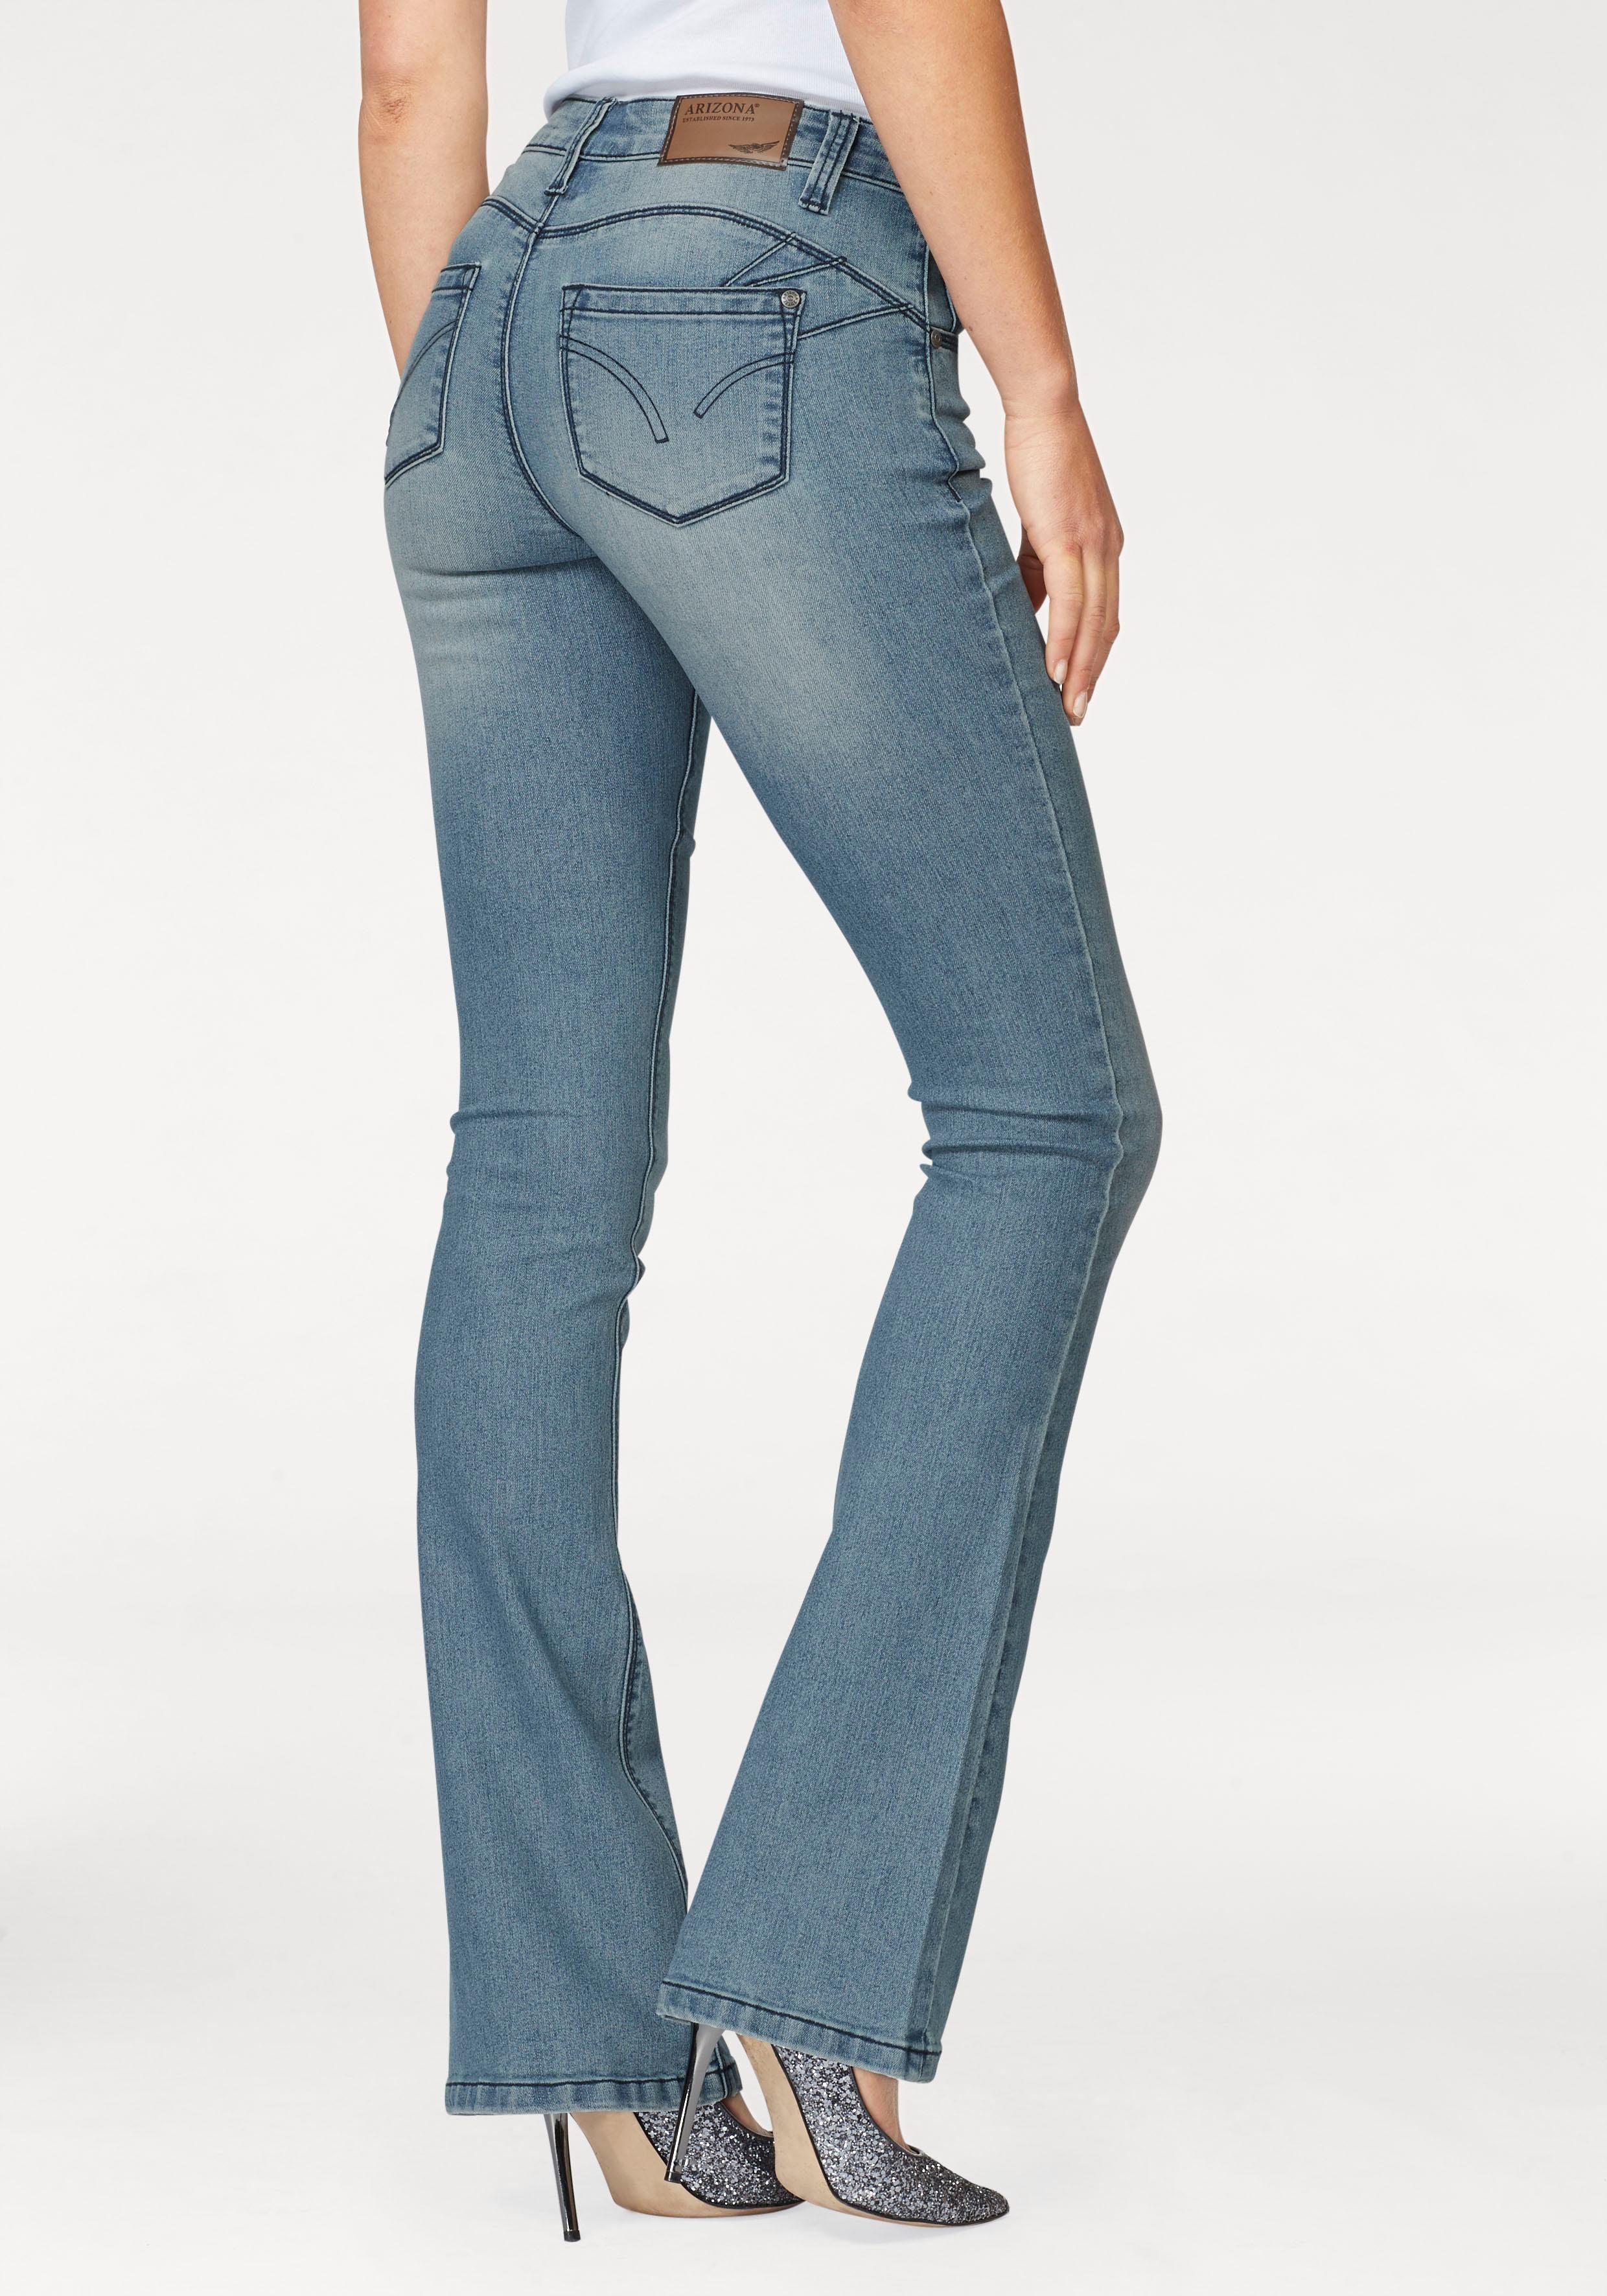 Arizona Bootcut Jeans »Shaping« Mid Waist kaufen   OTTO